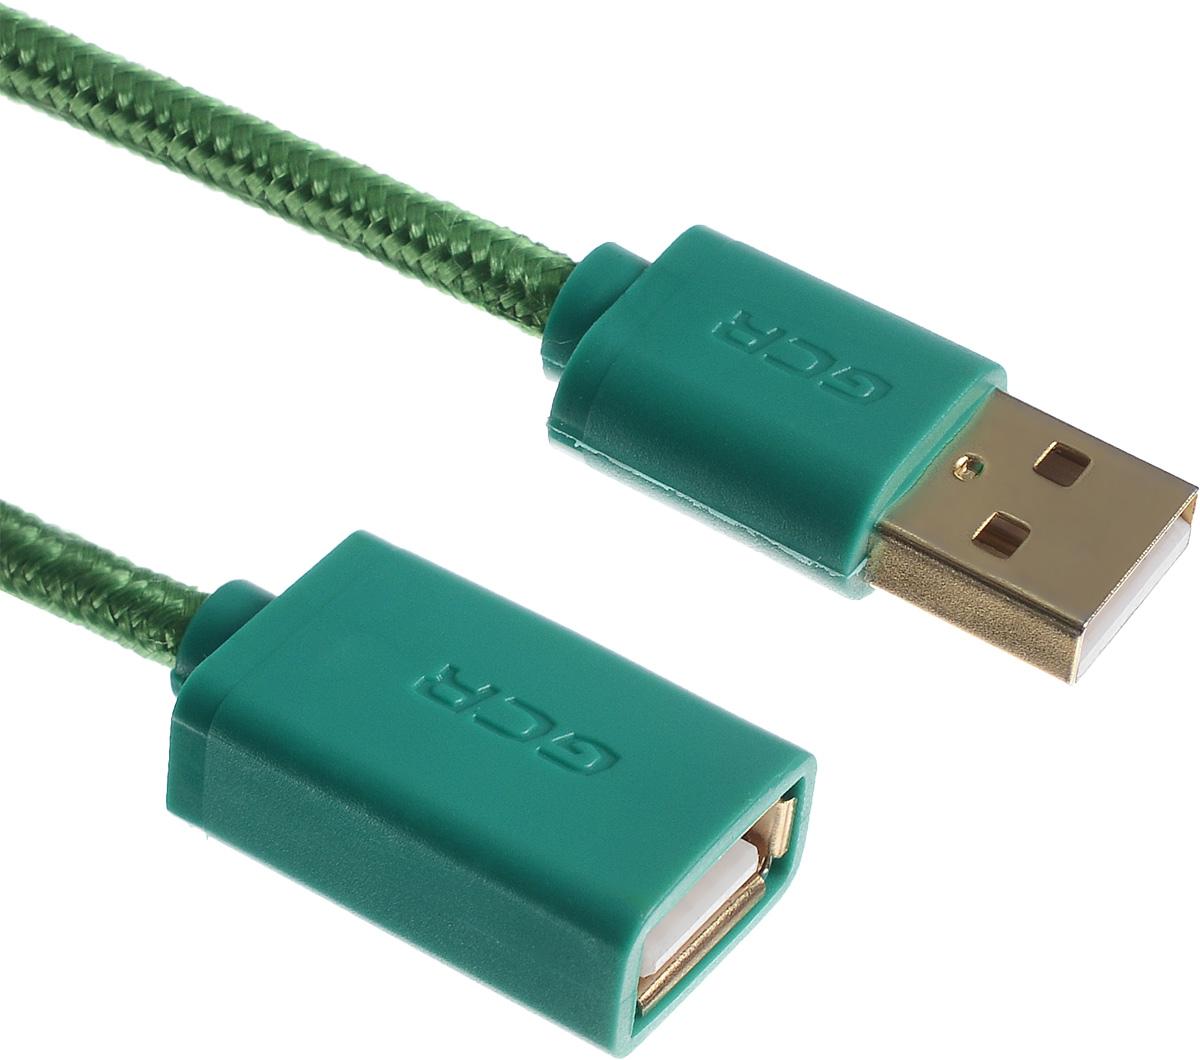 Greenconnect Russia GCR-UEC8M5-BB2SG, Green удлинитель USB 2.0 (1,5 м)GCR-UEC8M5-BB2SG-1.5mКабель-удлинитель USB 2.0 Greenconnect Russia GCR-UEC8M5-BB2SG позволит увеличить расстояние до подключаемого устройства. Может быть использован с различными USB девайсами. Экранирование кабеля защищает сигнал при передаче от влияния внешних полей, способных создать помехи.